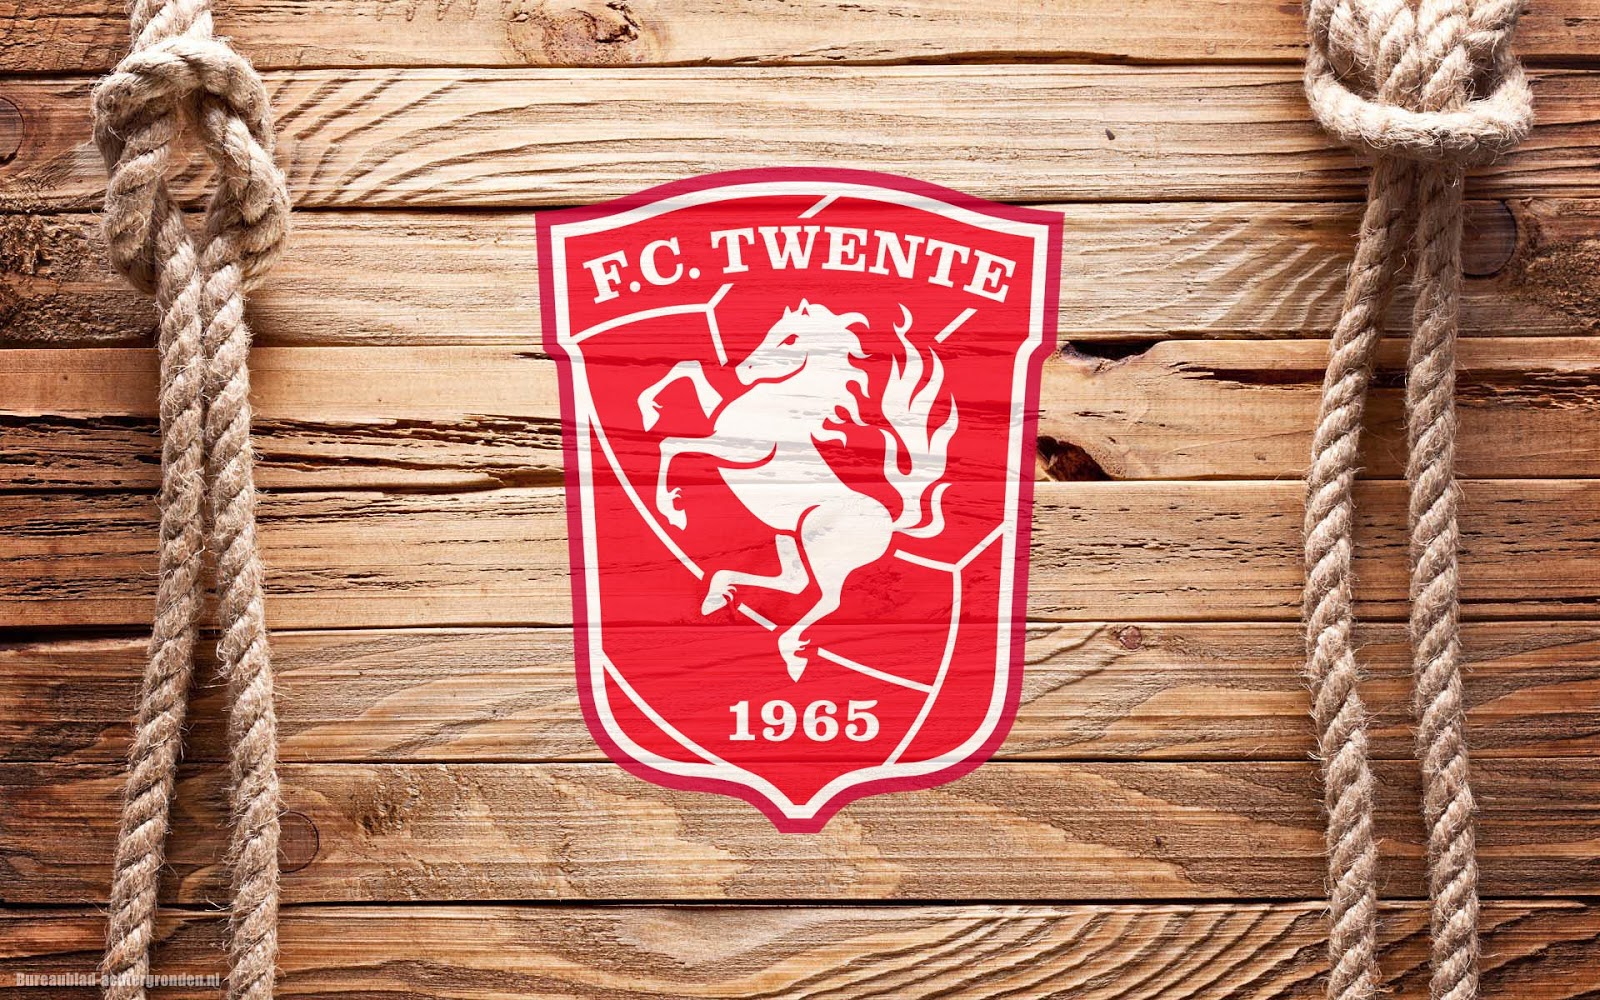 houten-fc-twente-achtergrond-met-fc-twen